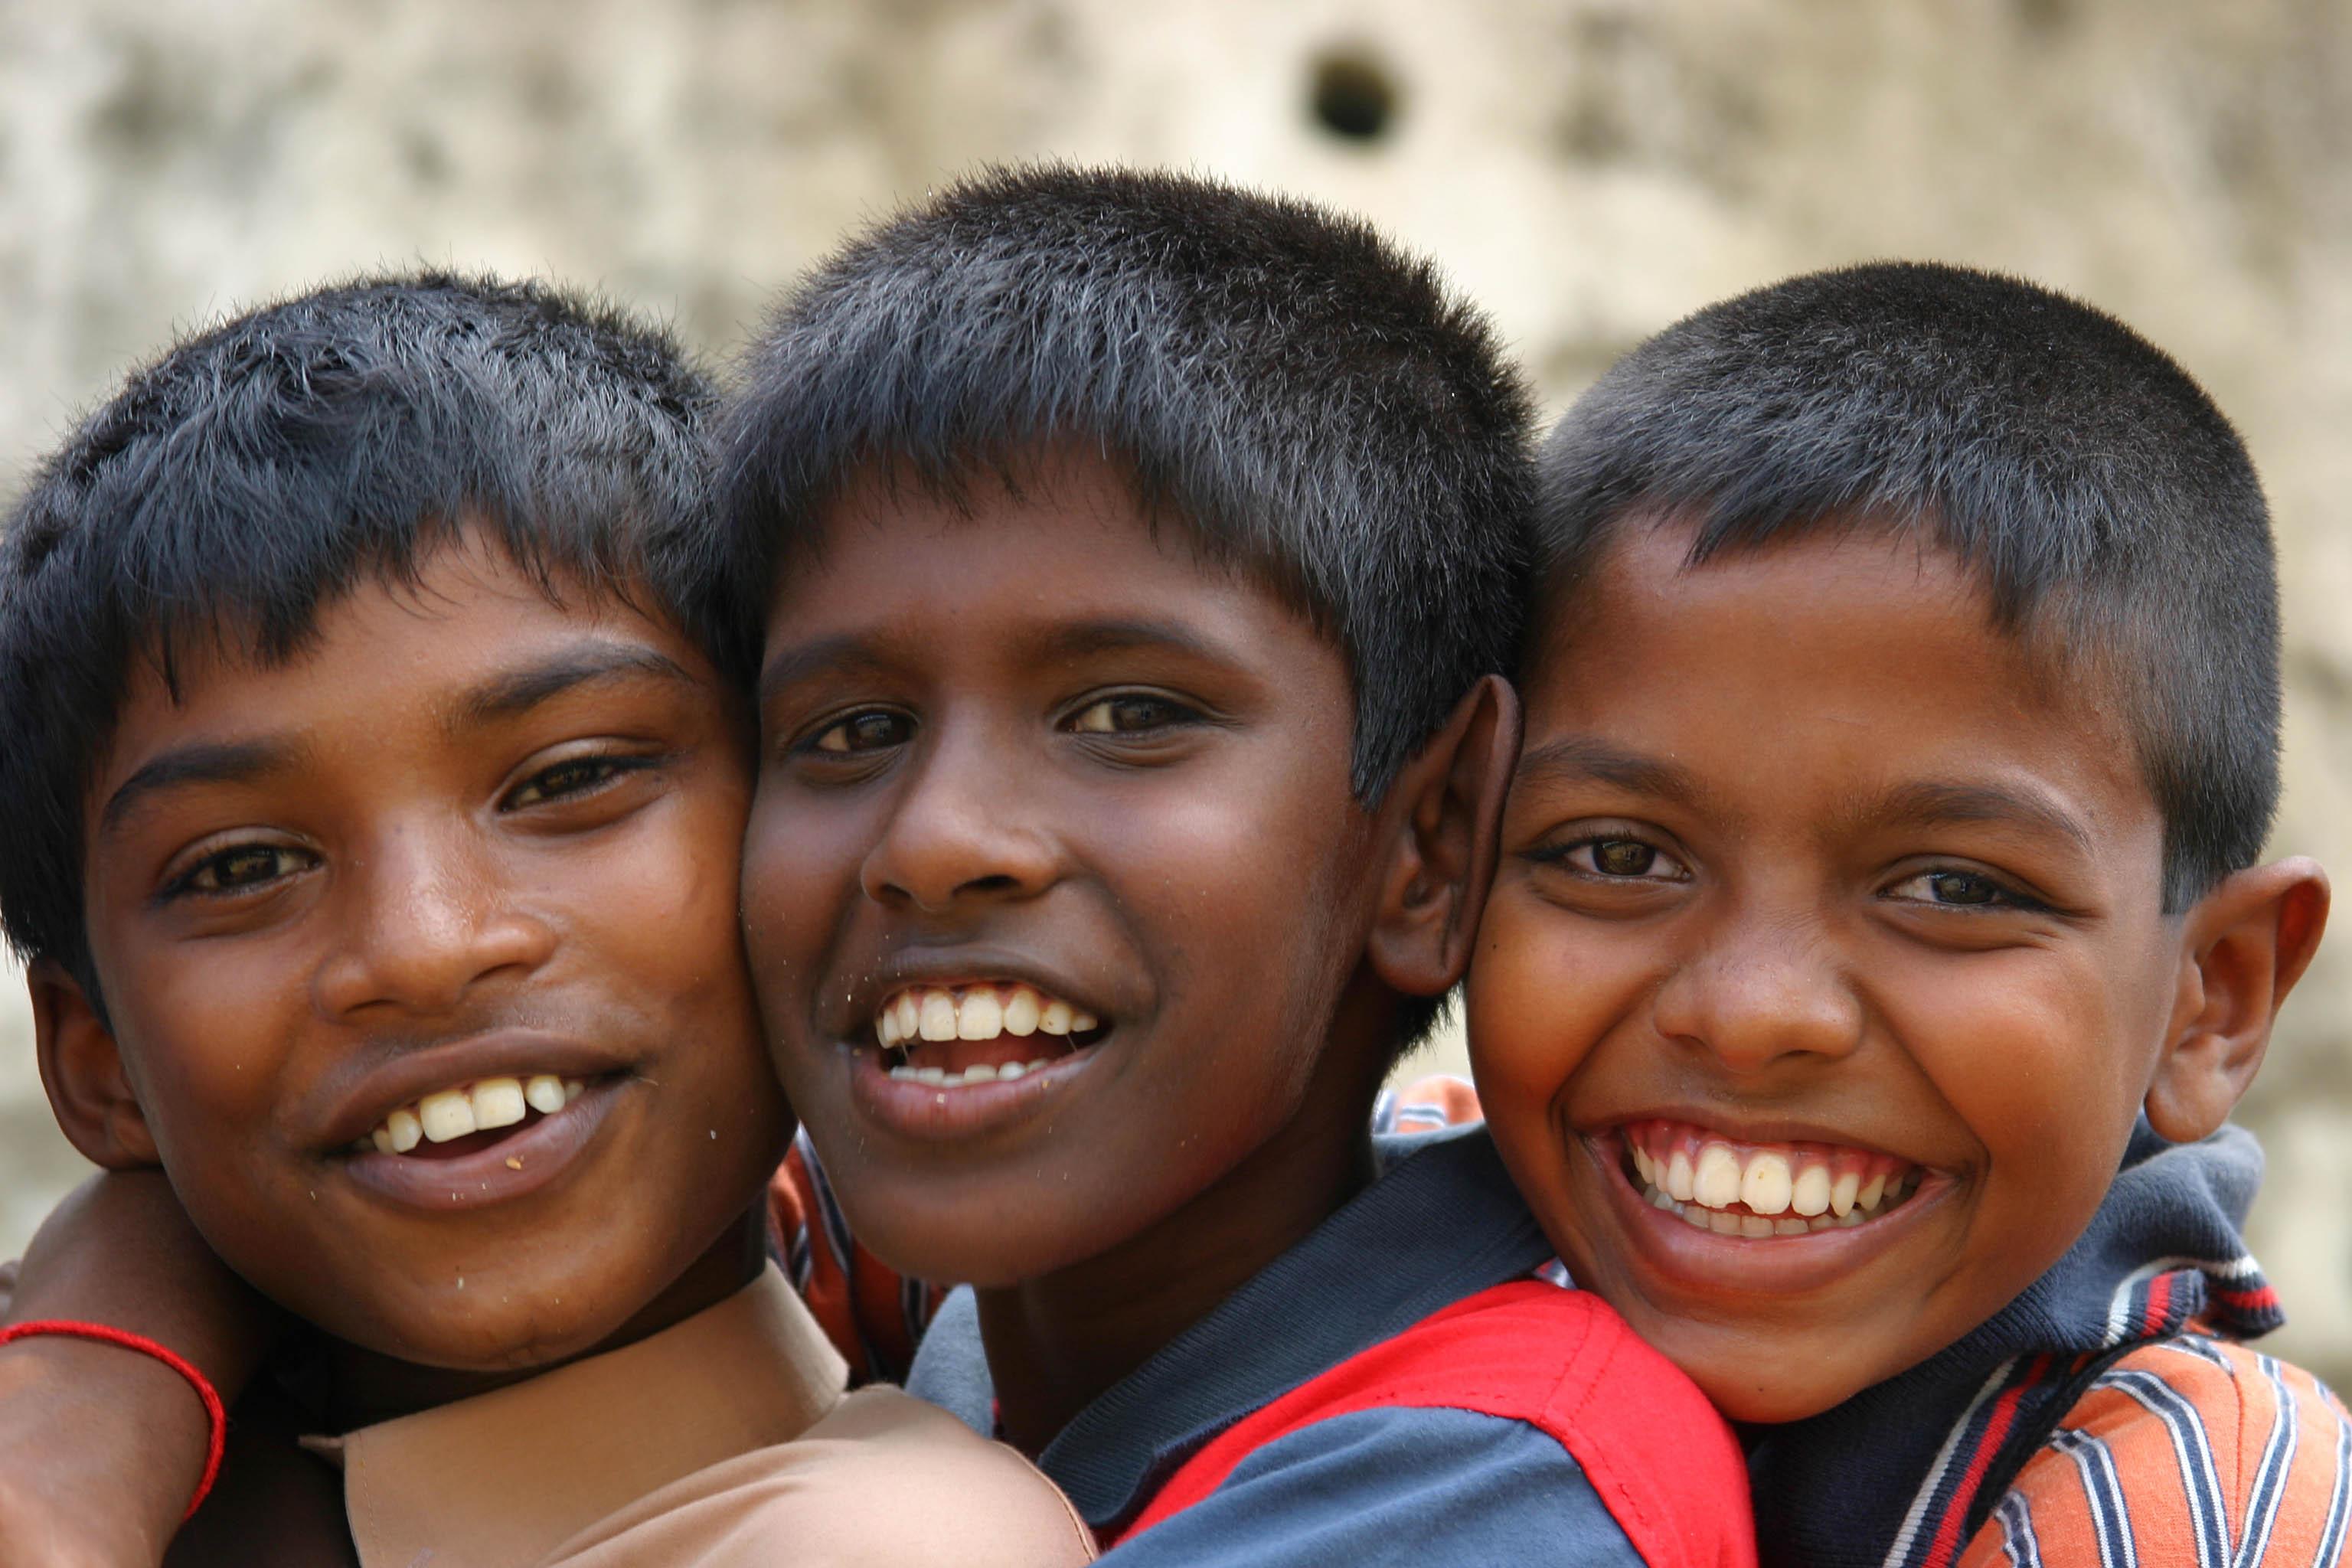 enfants-sourire